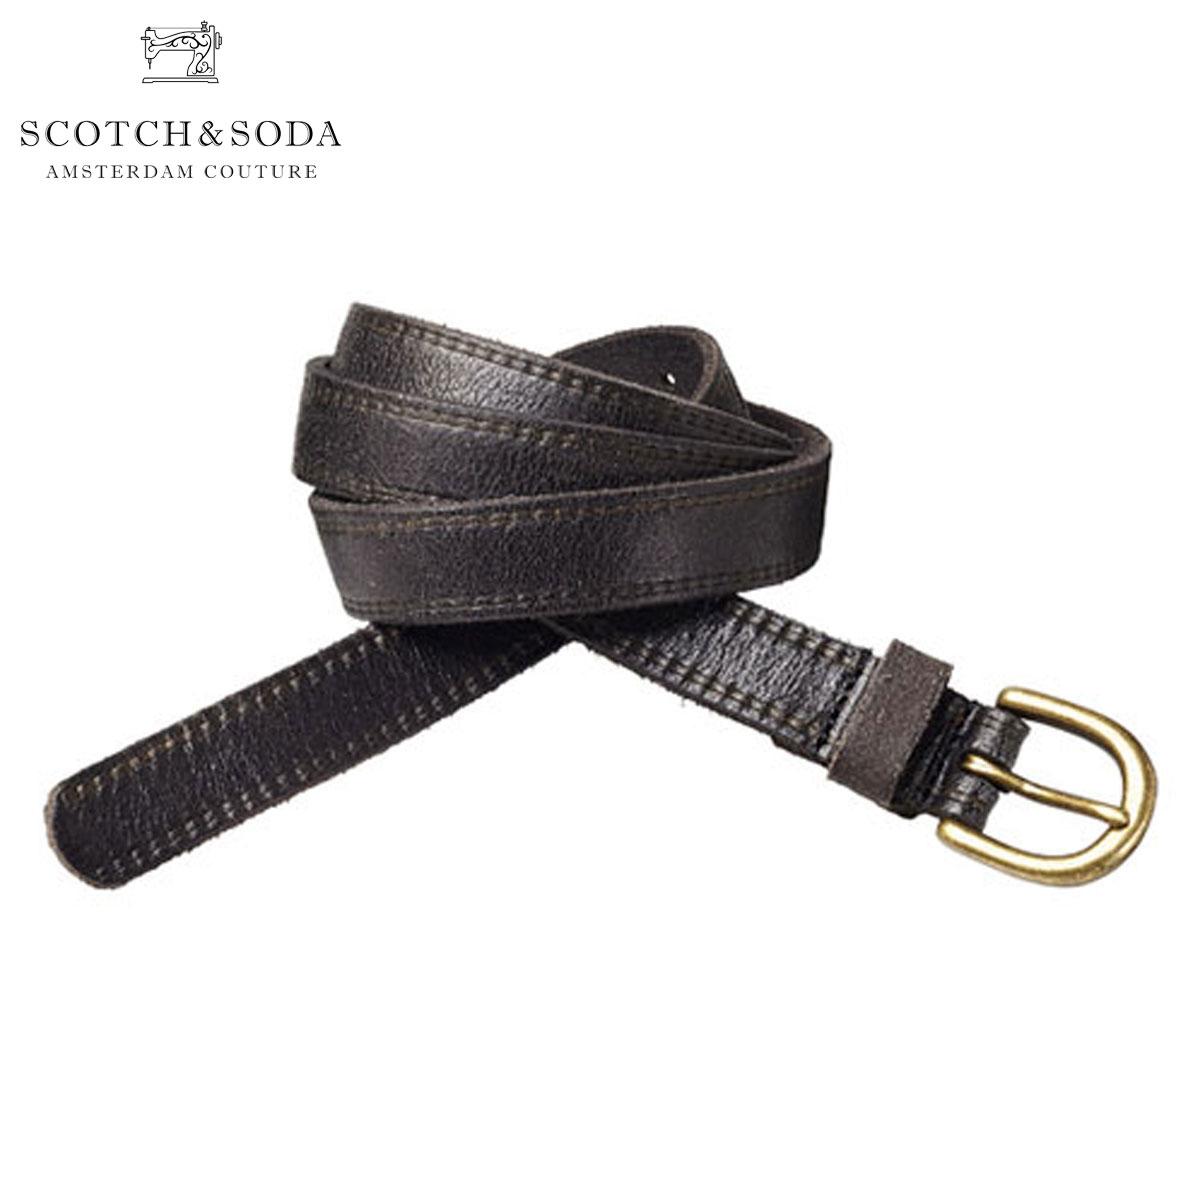 スコッチアンドソーダ ベルト 正規販売店 SCOTCH&SODA  Leather belt with print along edge 76163 90 A39B B1C C3D D6E E13F